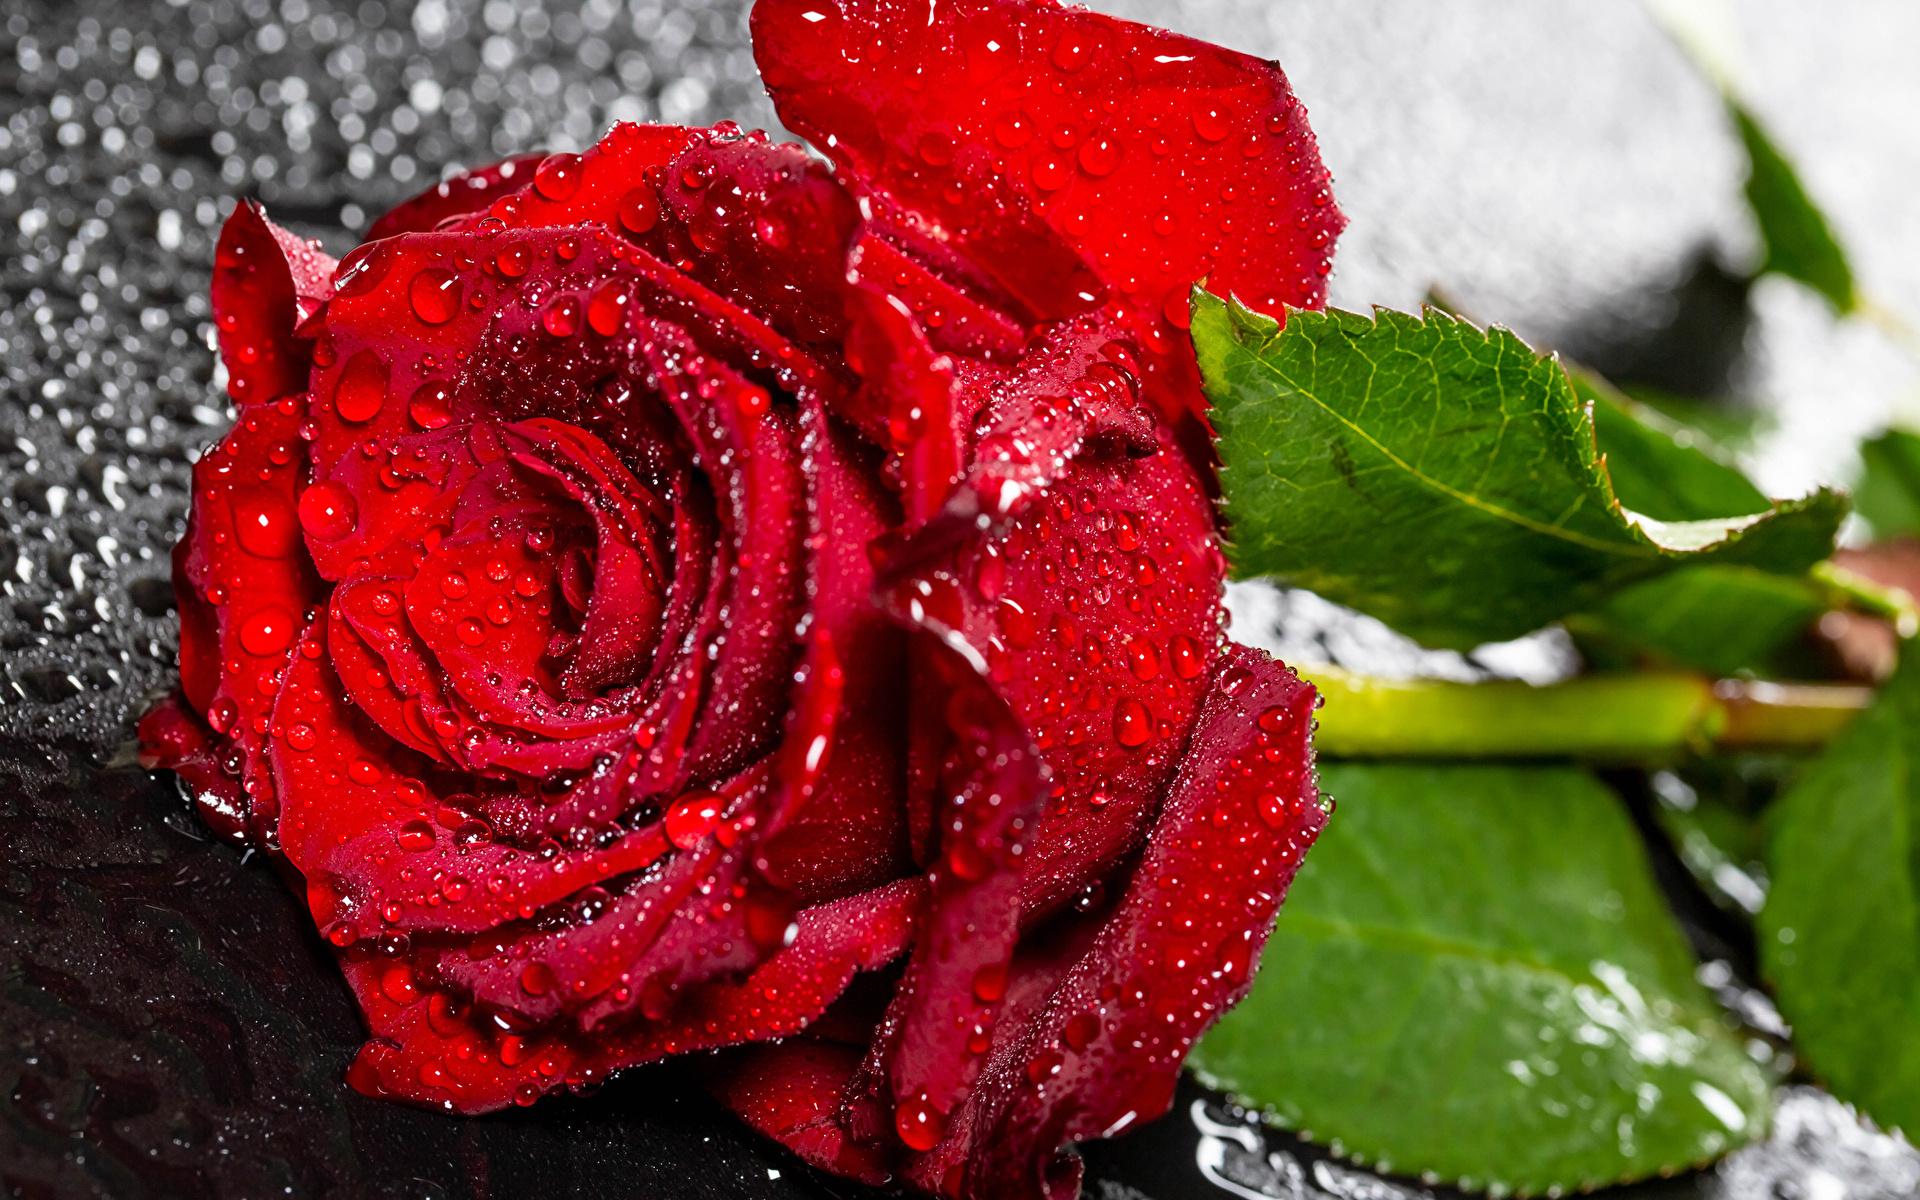 Картинка Розы Красный капля Цветы вблизи 1920x1200 роза красная красные красных Капли капель цветок капельки Крупным планом